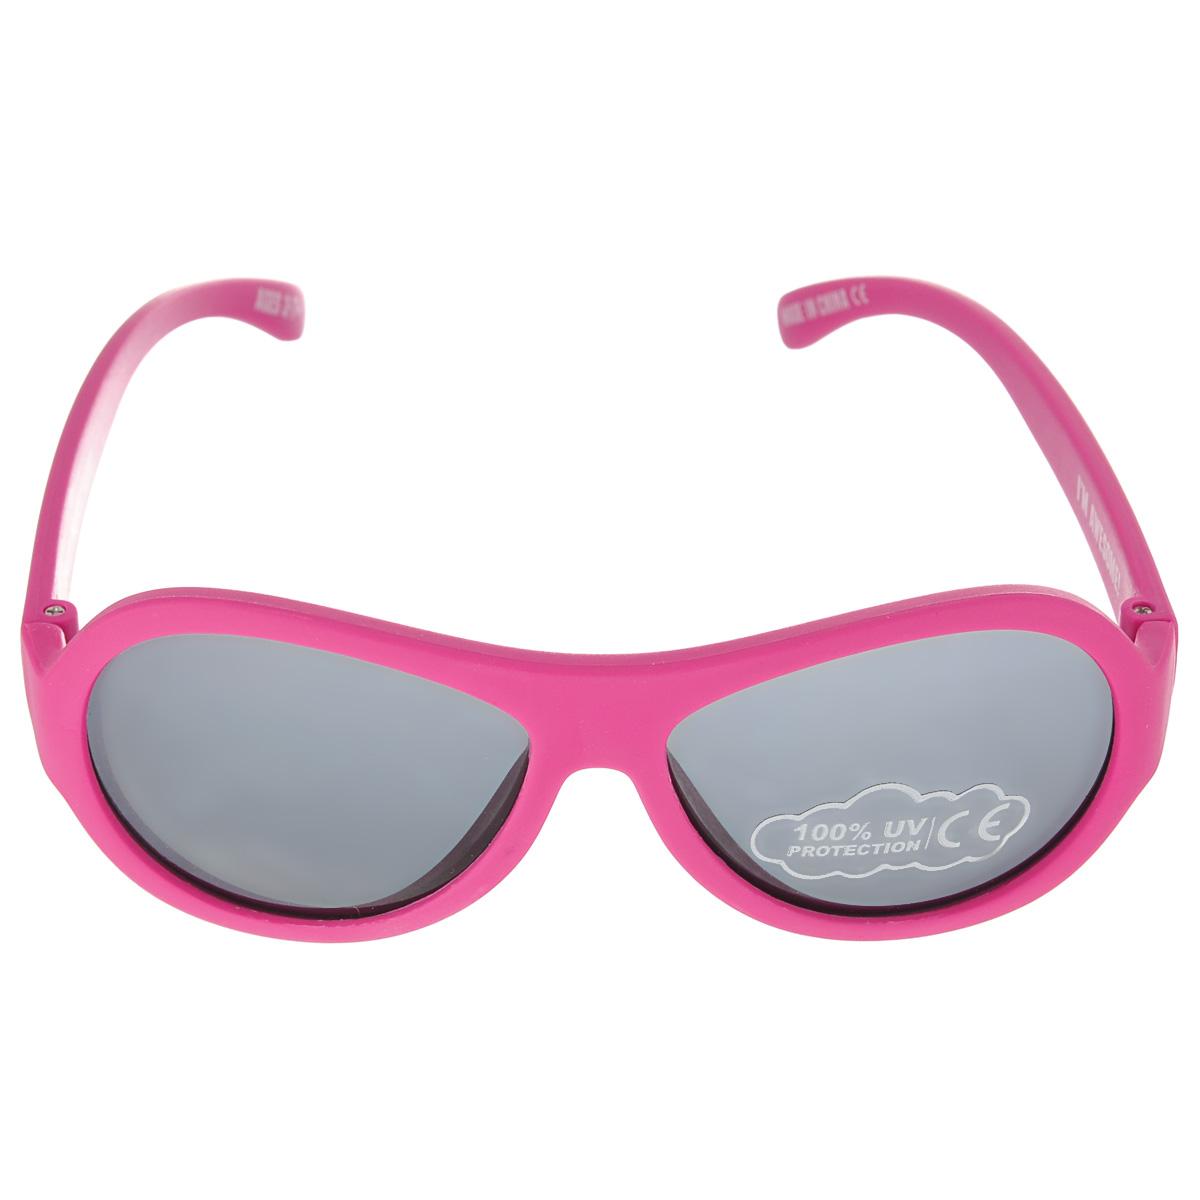 Детские солнцезащитные очки Babiators Поп-звезда (Popstar), цвет: розовый, 3-7 летINT-06501Вы делаете все возможное, чтобы ваши дети были здоровы и в безопасности. Шлемы для езды на велосипеде, солнцезащитный крем для прогулок на солнце... Но как насчет влияния солнца на глаза вашего ребенка? Правда в том, что сетчатка глаза у детей развивается вместе с самим ребенком. Это означает, что глаза малышей не могут отфильтровать УФ-излучение. Проблема понятна - детям нужна настоящая защита, чтобы глазки были в безопасности, а зрение сильным.Каждая пара солнцезащитных очков Babiators для детей обеспечивает 100% защиту от UVA и UVB. Прочные линзы высшего качества из поликарбоната не подведут в самых сложных переделках. В отличие от обычных пластиковых очков, оправа Babiators выполнена из гибкого прорезиненного материала (термопластичного эластомера), что делает их ударопрочными, их можно сгибать и крутить - они не сломаются и вернутся в прежнюю форму. Не бойтесь, что ребенок сядет на них - они все выдержат. Будьте уверены, что очки Babiators созданы безопасными, прочными и классными, так что вы и ваш ребенок можете приступать к своим приключениям!